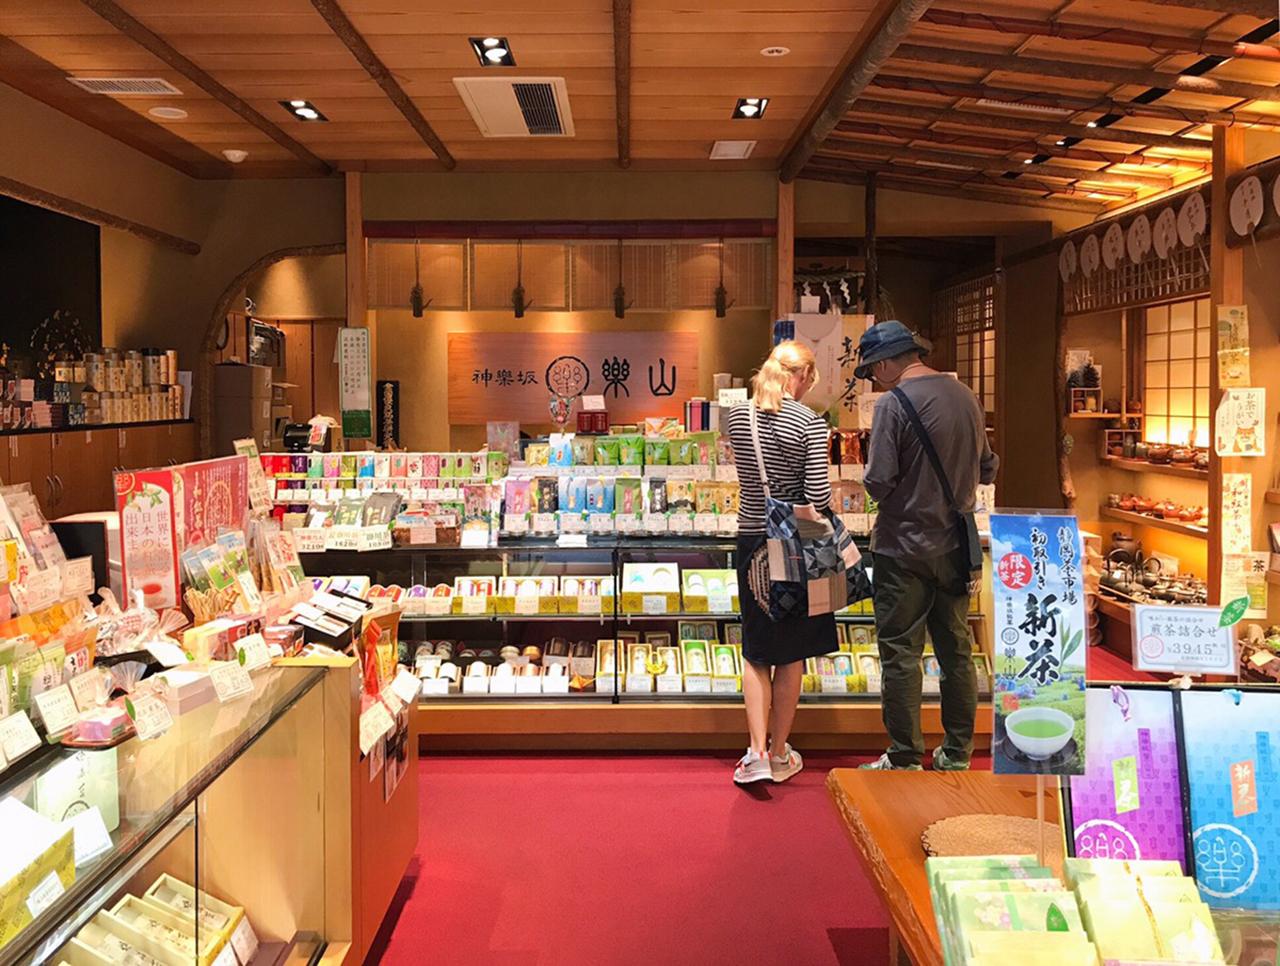 ร้านขายชาญี่ปุ่น Rakuzan, Kagurazaka (คากุระซากะ)